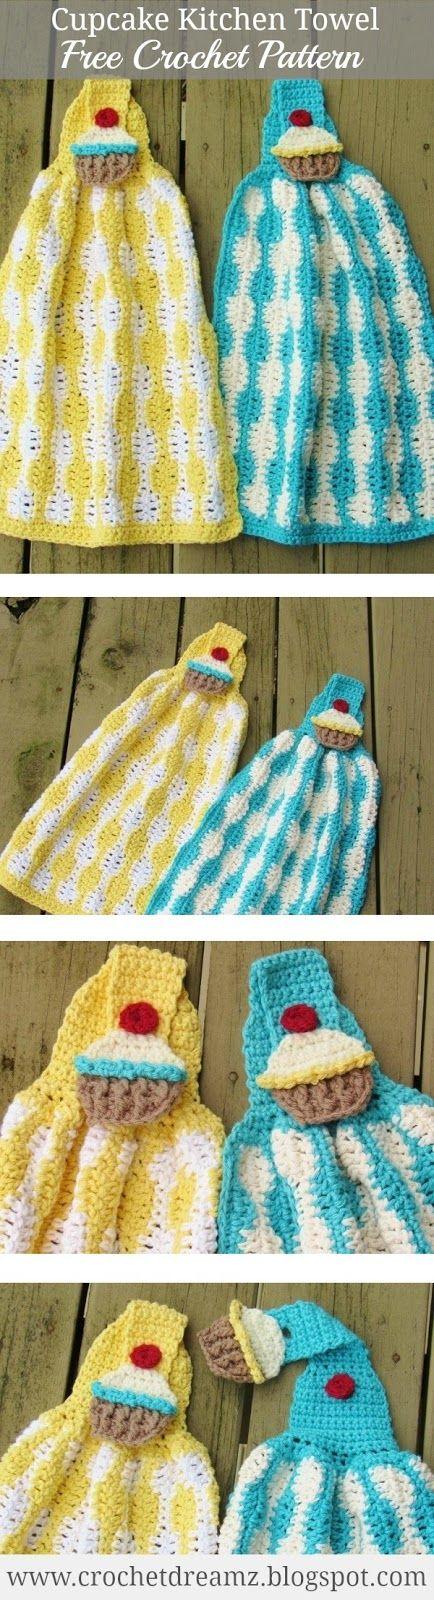 Cup Cake Kitchen Towel Crochet Pattern Free Crochet Pattern Cup